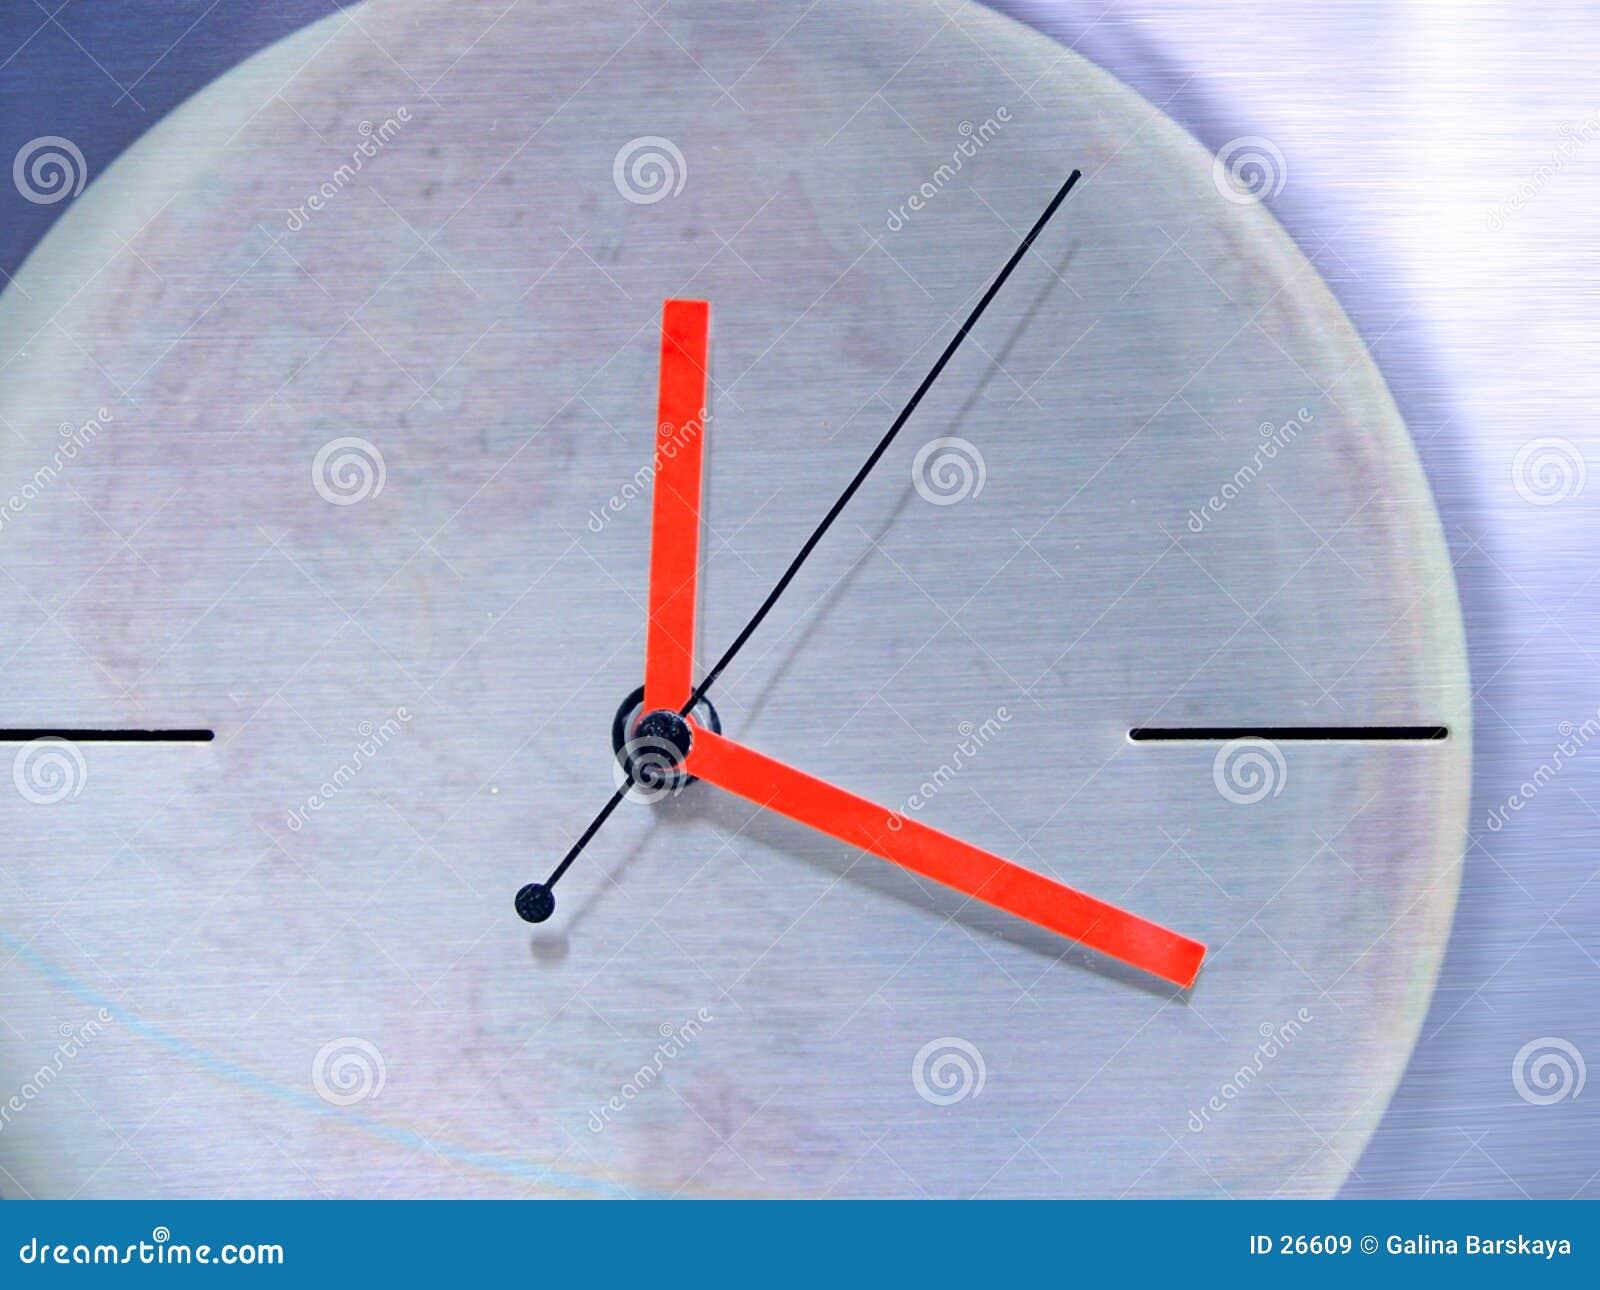 Rund um die Uhr